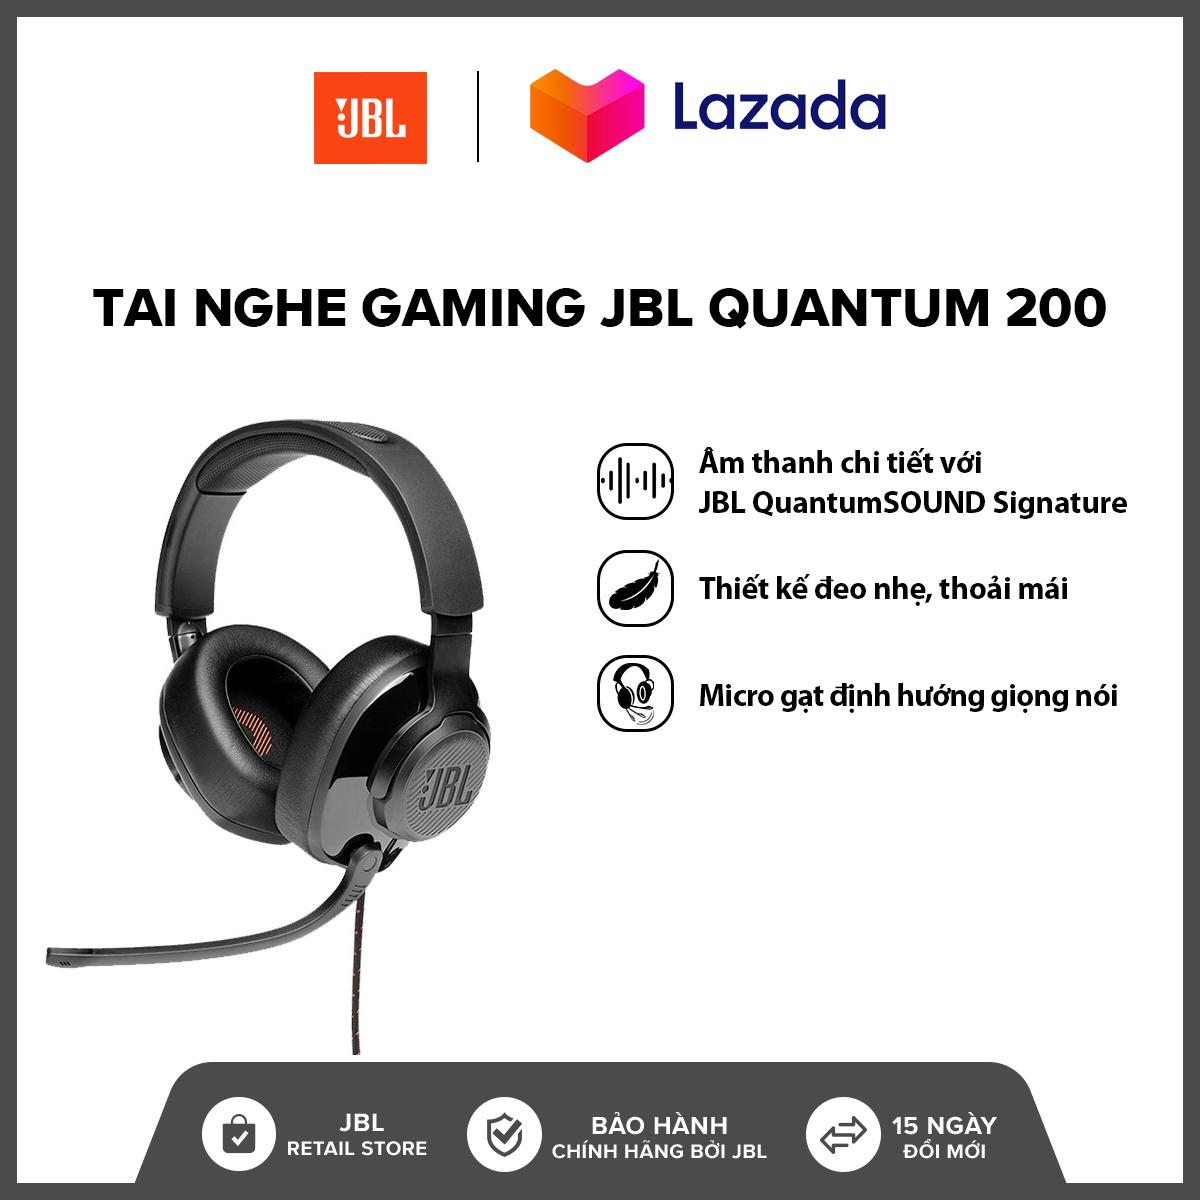 Tai nghe Gaming JBL Quantum 200 l Công nghệ JBL QuantumSOUND Signature l Driver 50mm l Đệm tai xốp thoải...